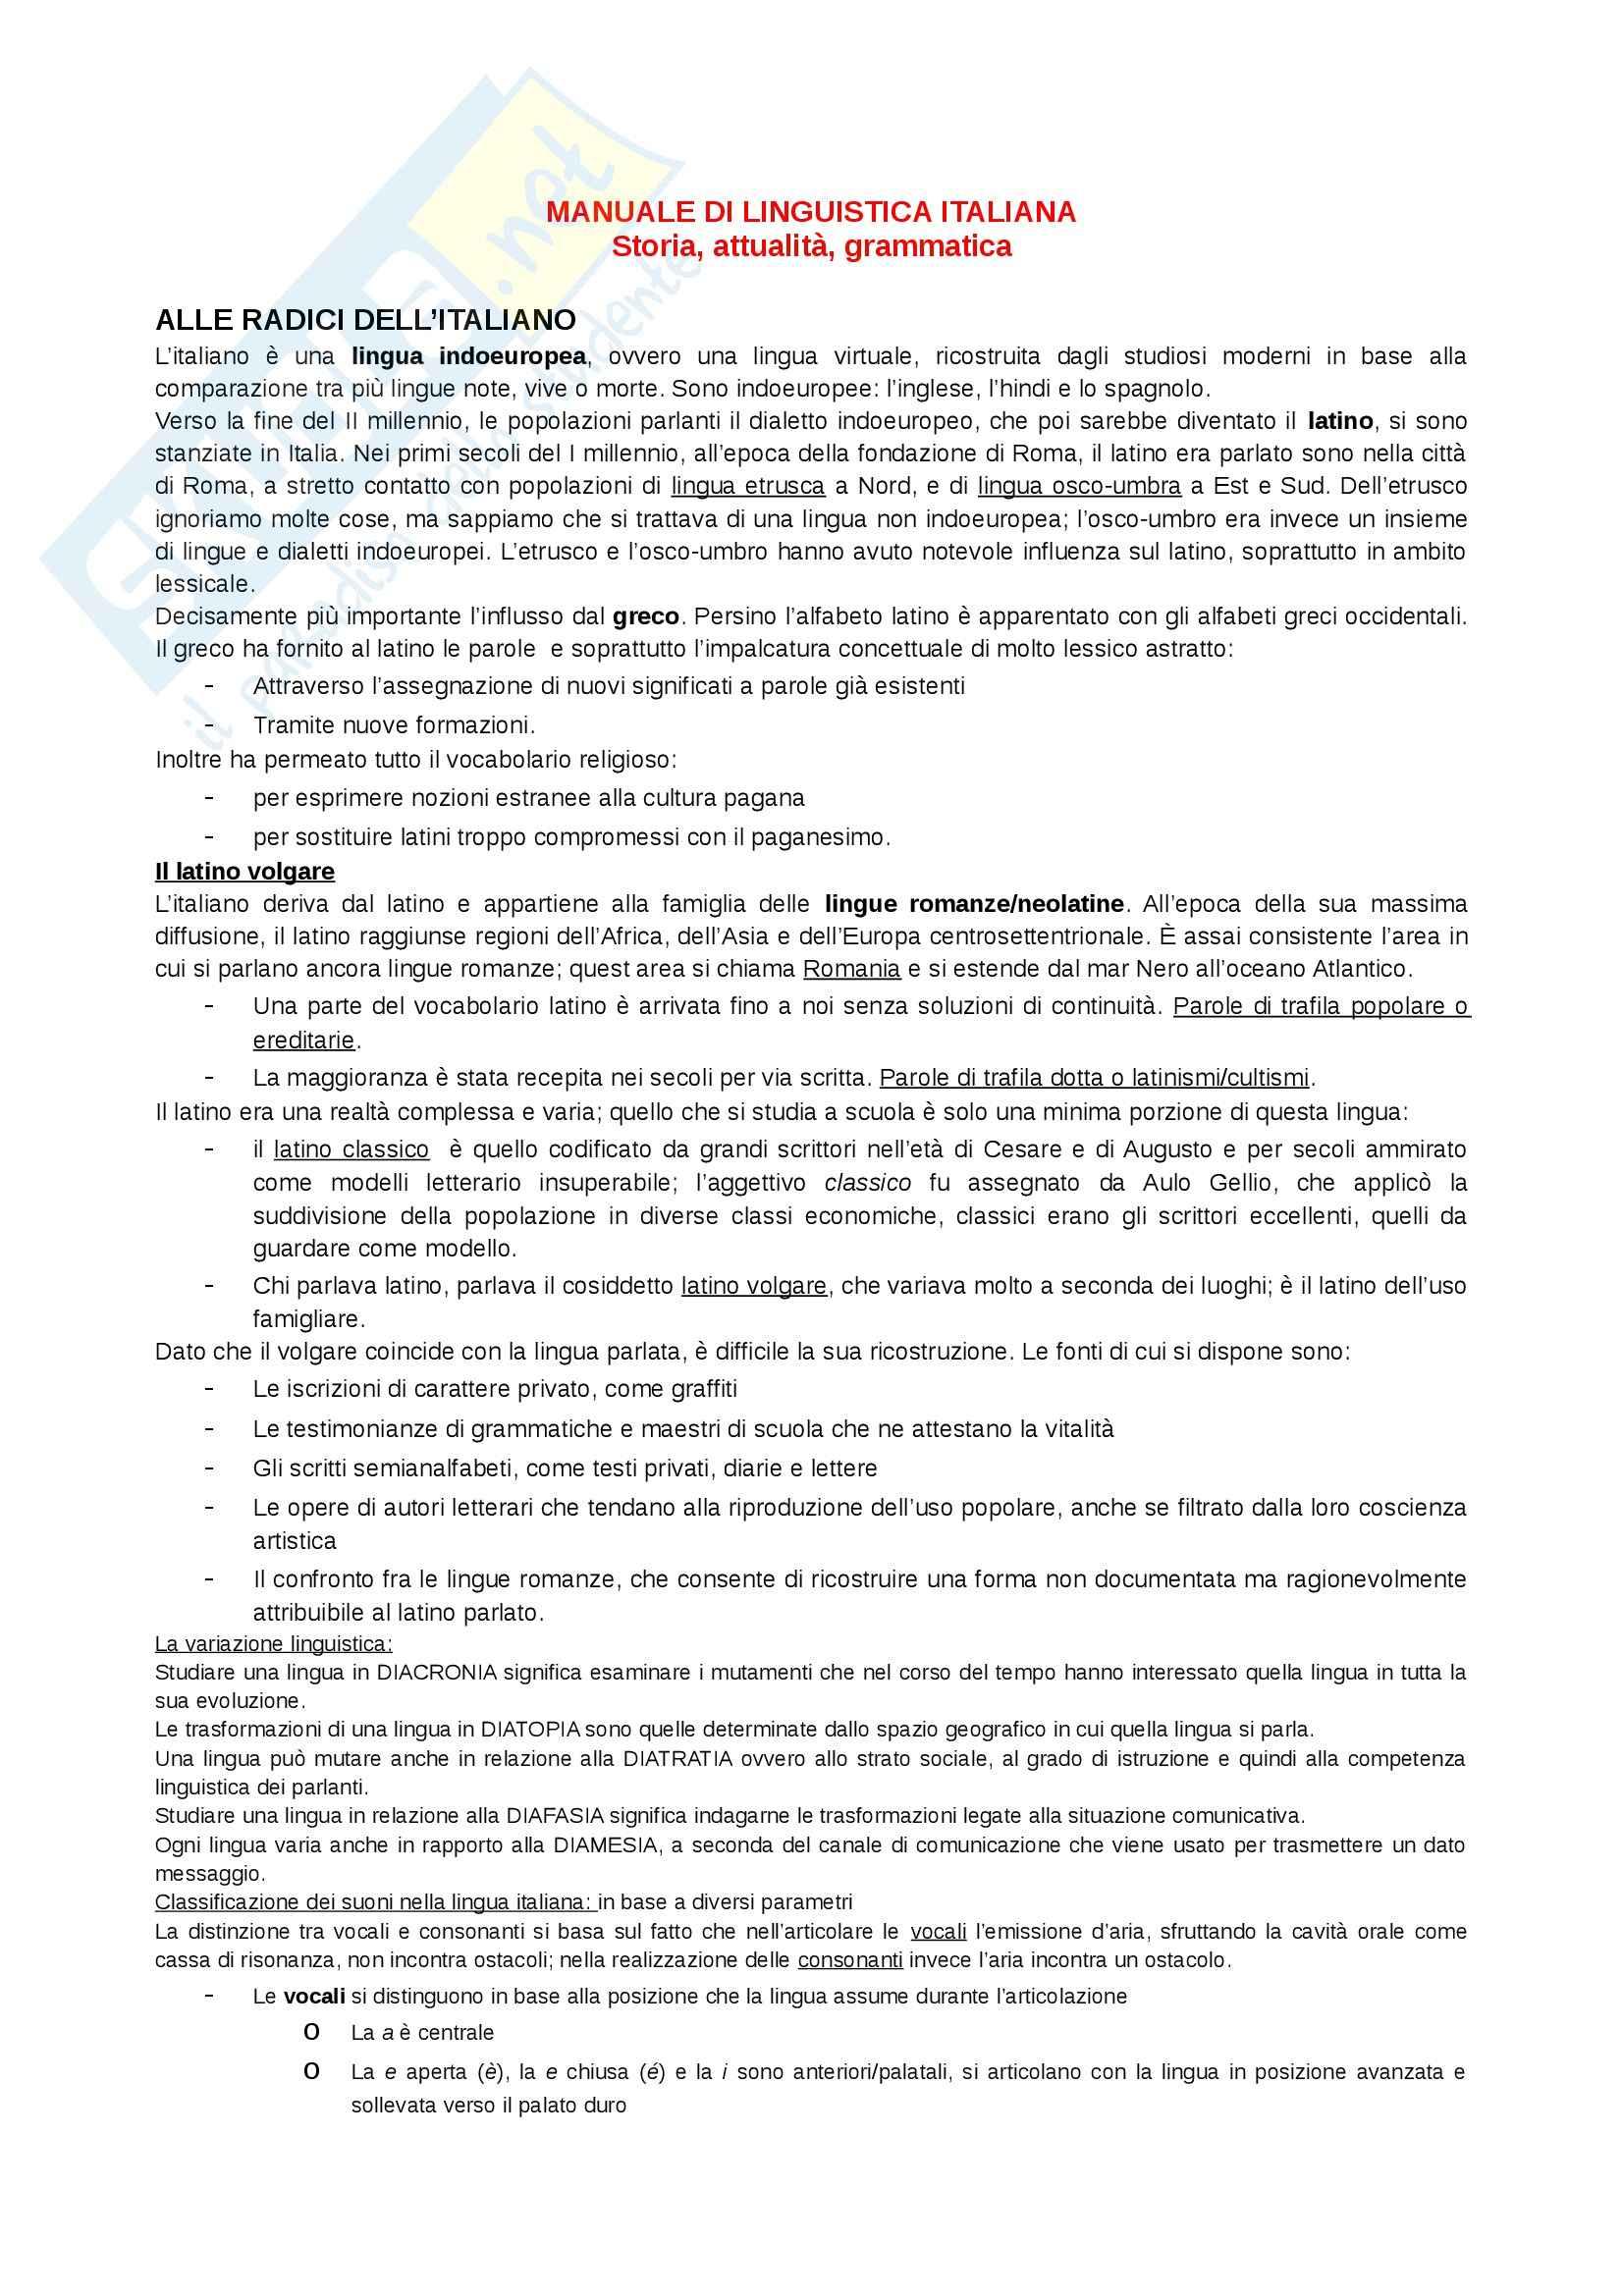 Riassunto esame Storia della lingua italiana, prof Venier, libro consigliato Manuale di linguistica italiana